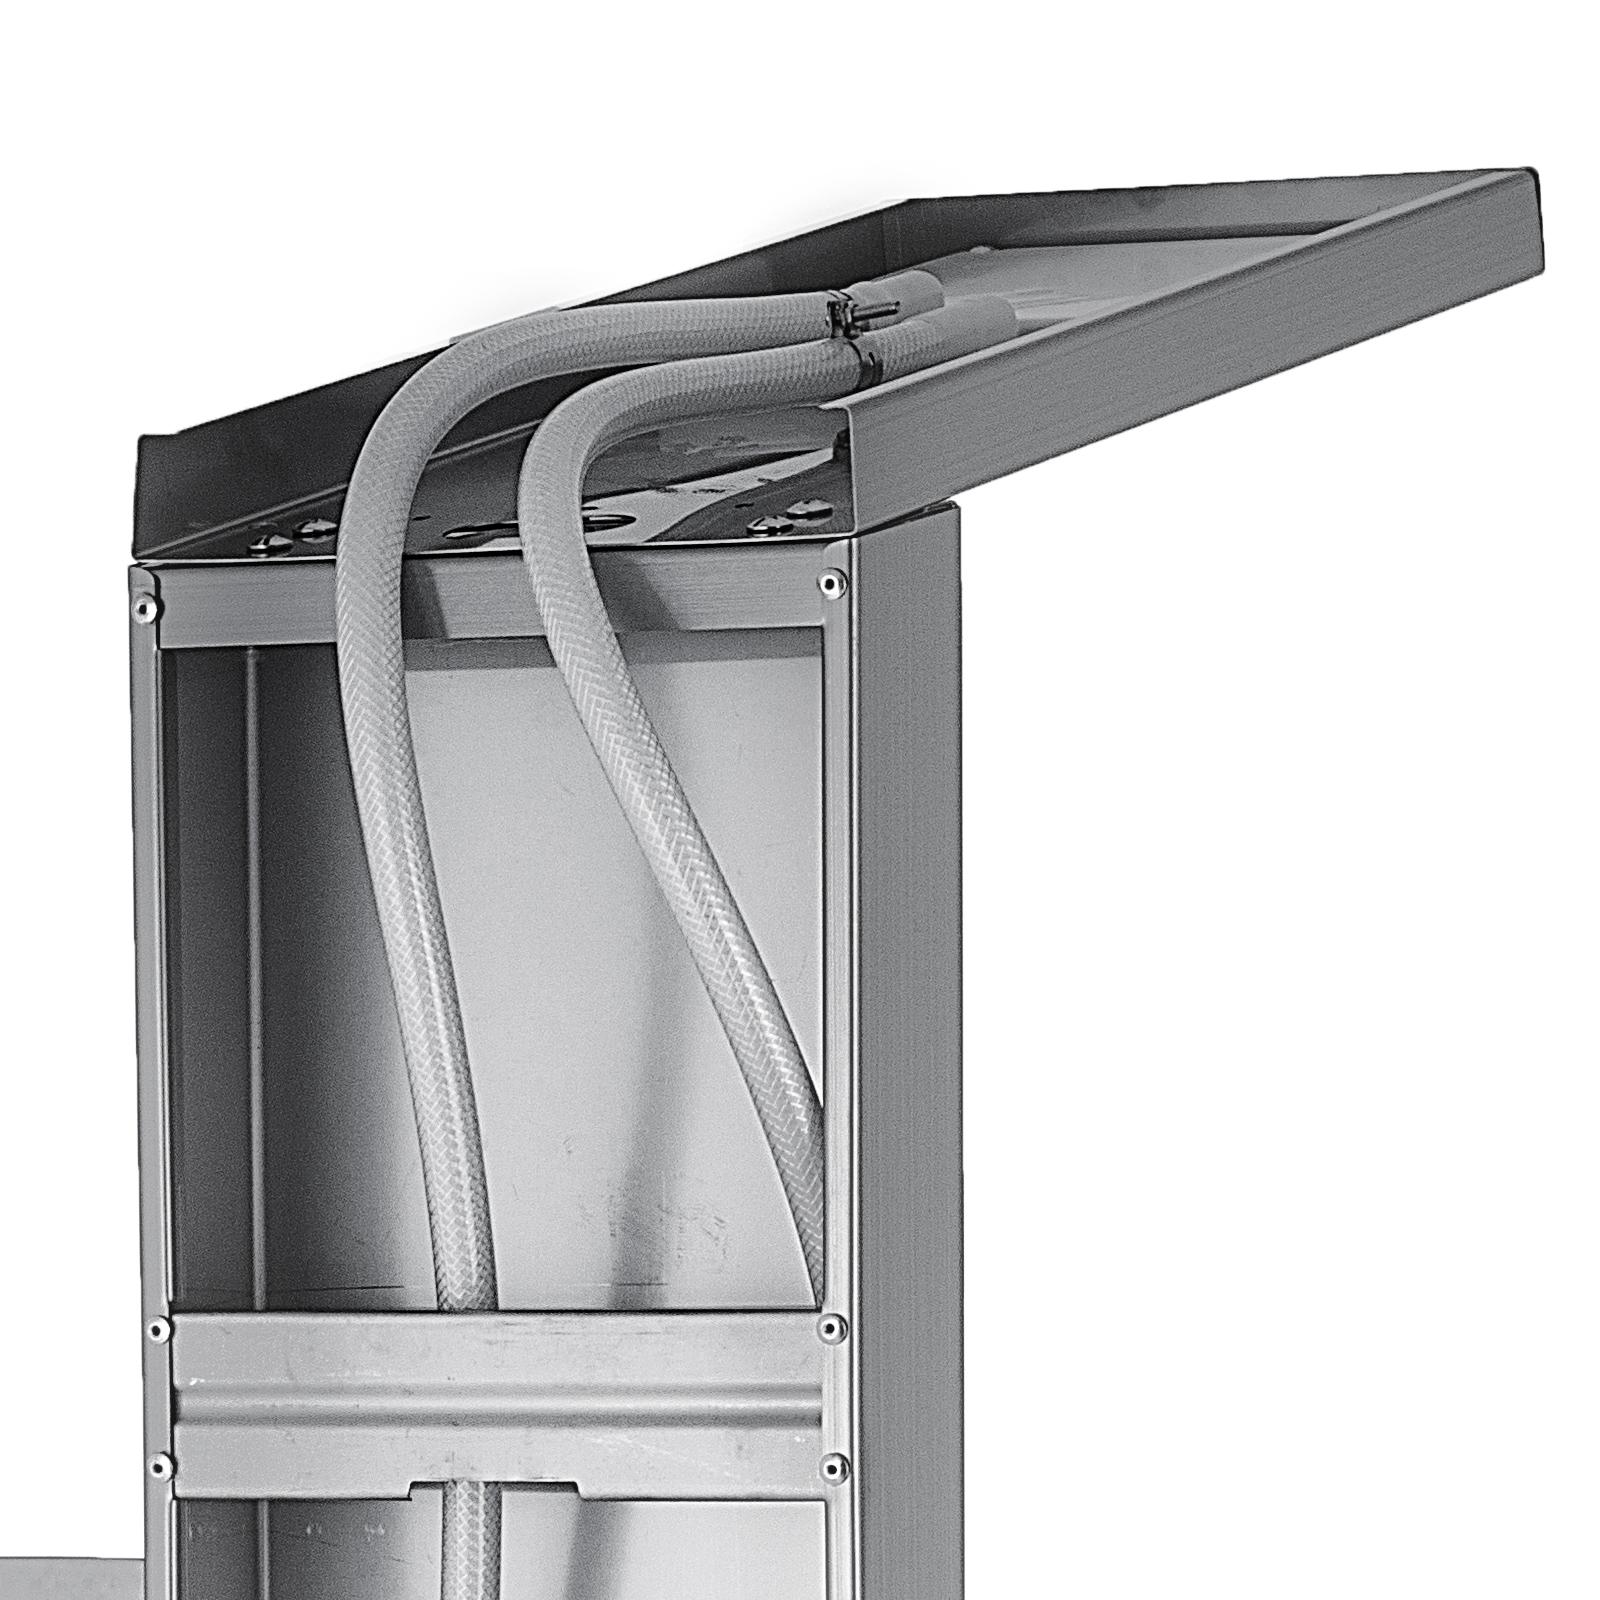 Pannello-doccia-idromassaggio-colonna-in-acciaio-inossidabile-con-miscelatore miniatura 82